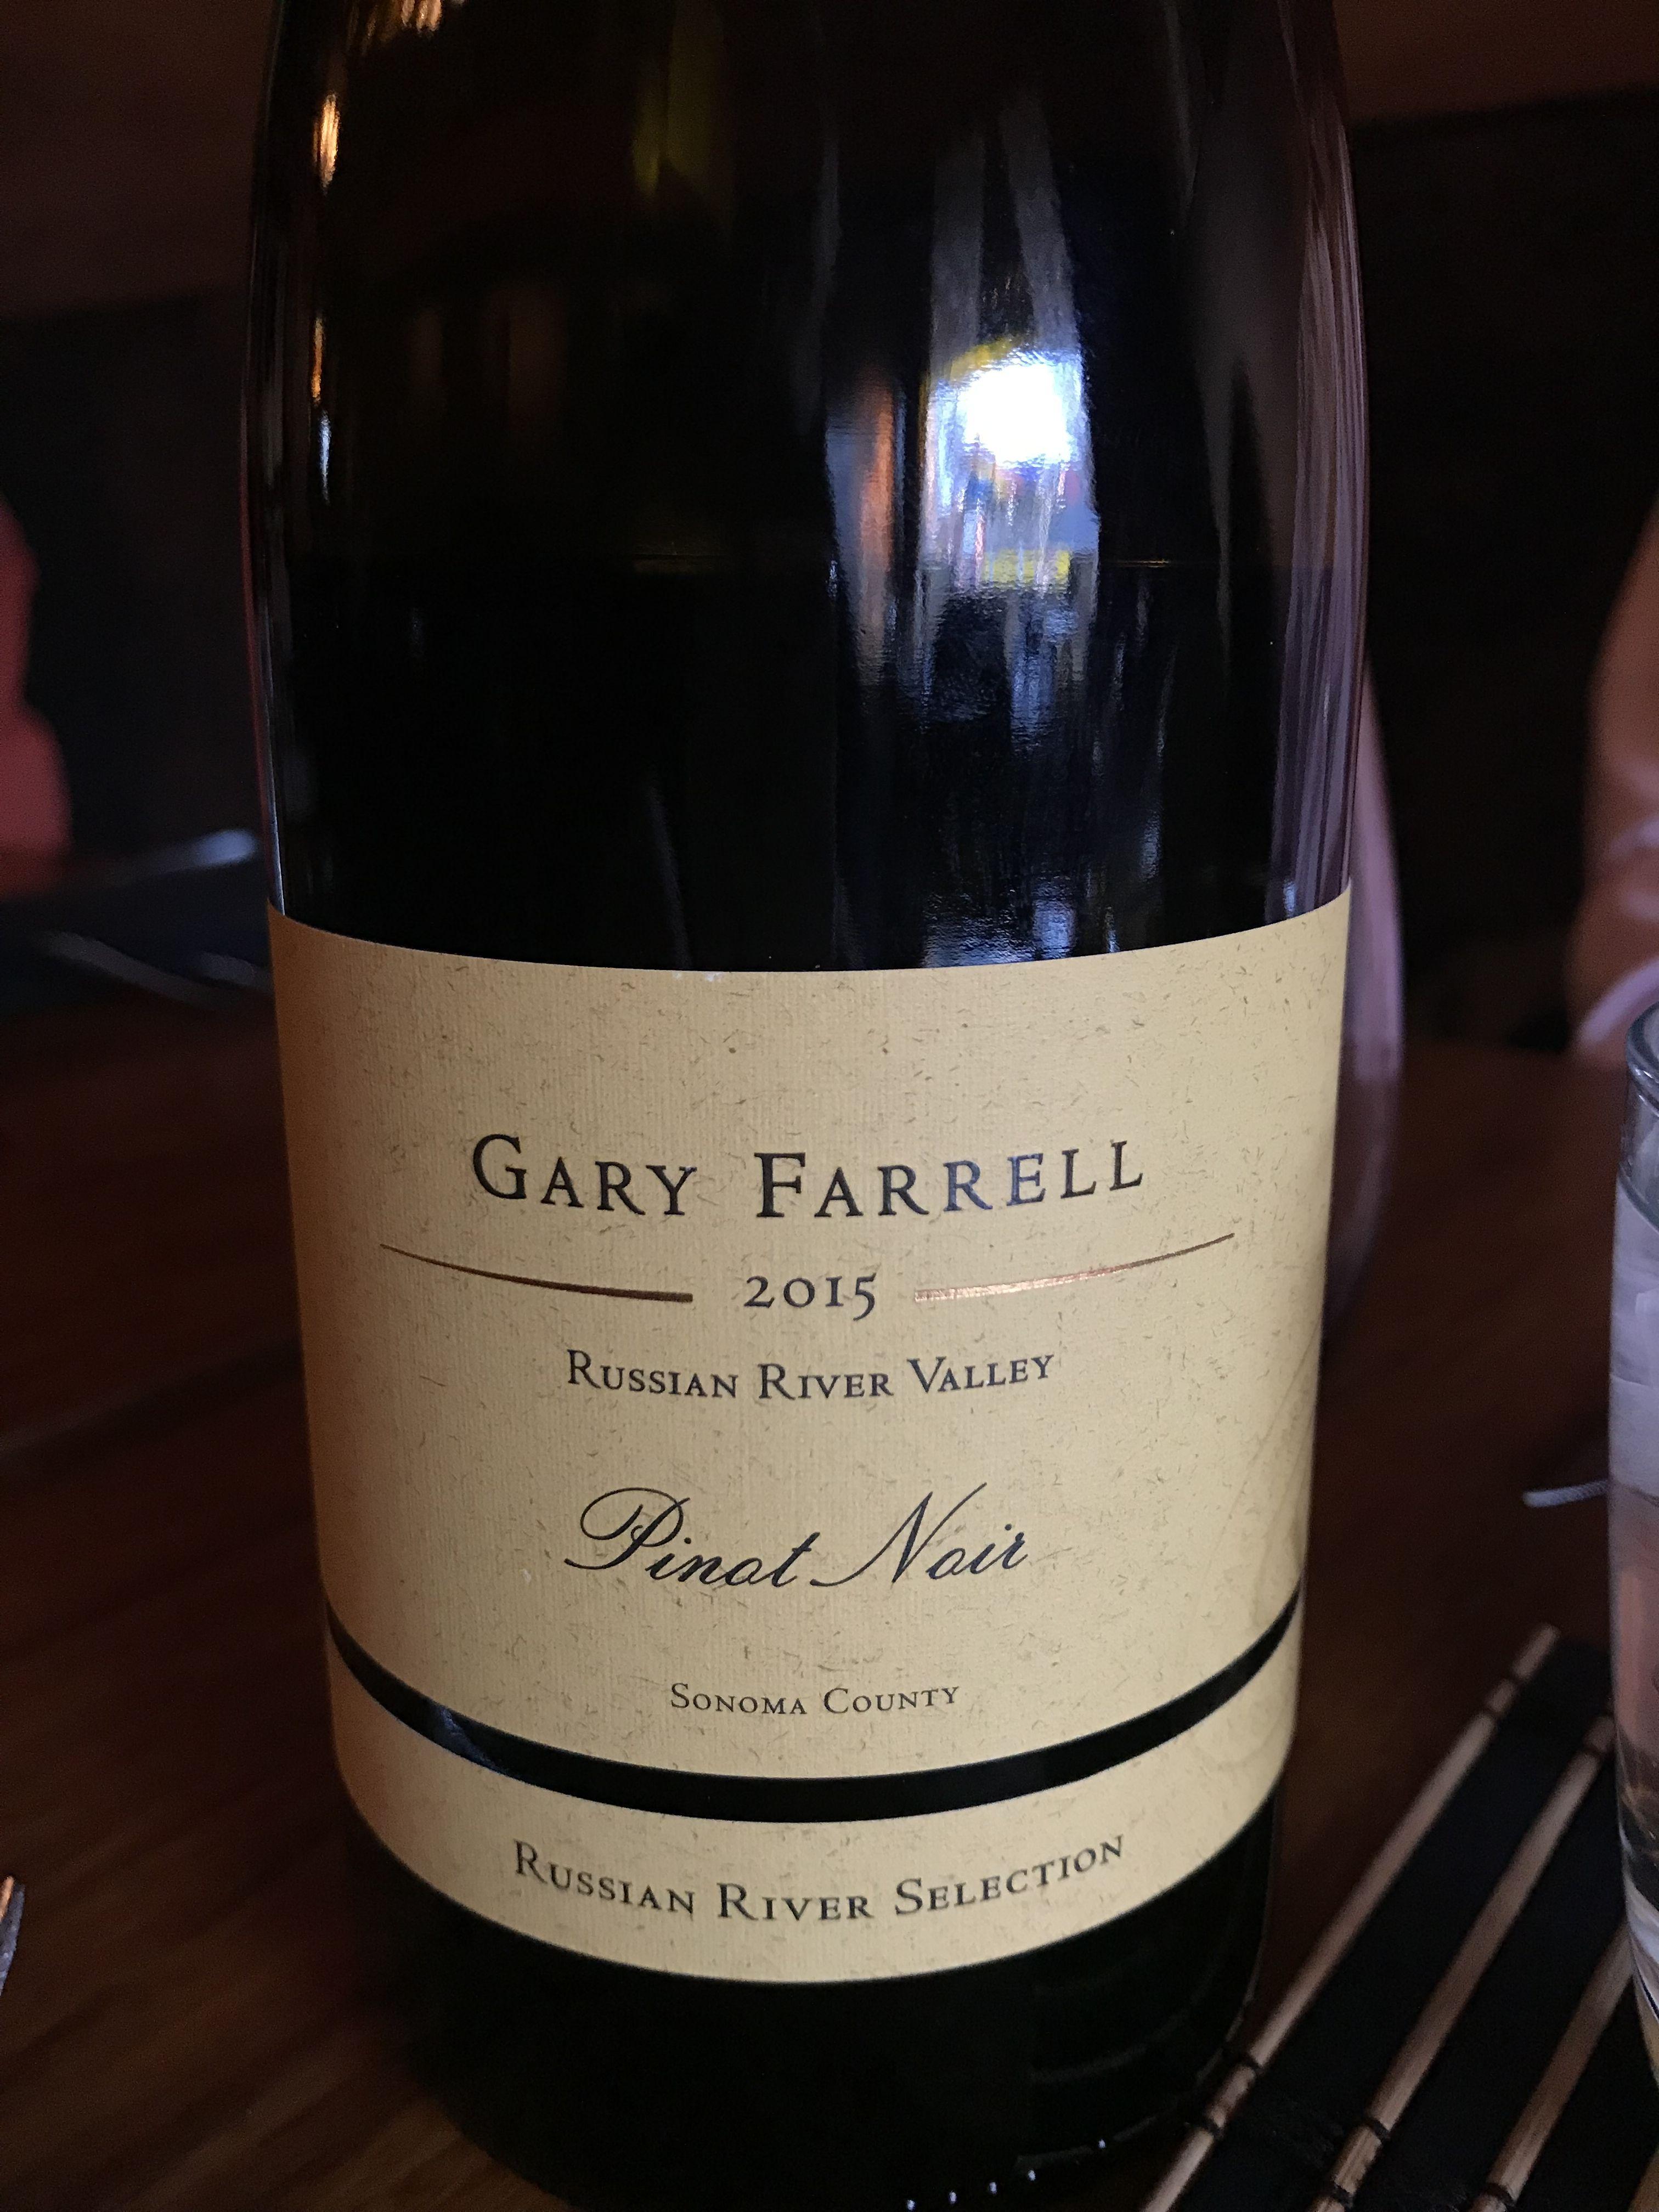 Gary Farrell 2015 Russian River Valley Pinot Noir Sonoma County Russian River Selection 8 10 Russian River Valley Pinot Pinot Noir